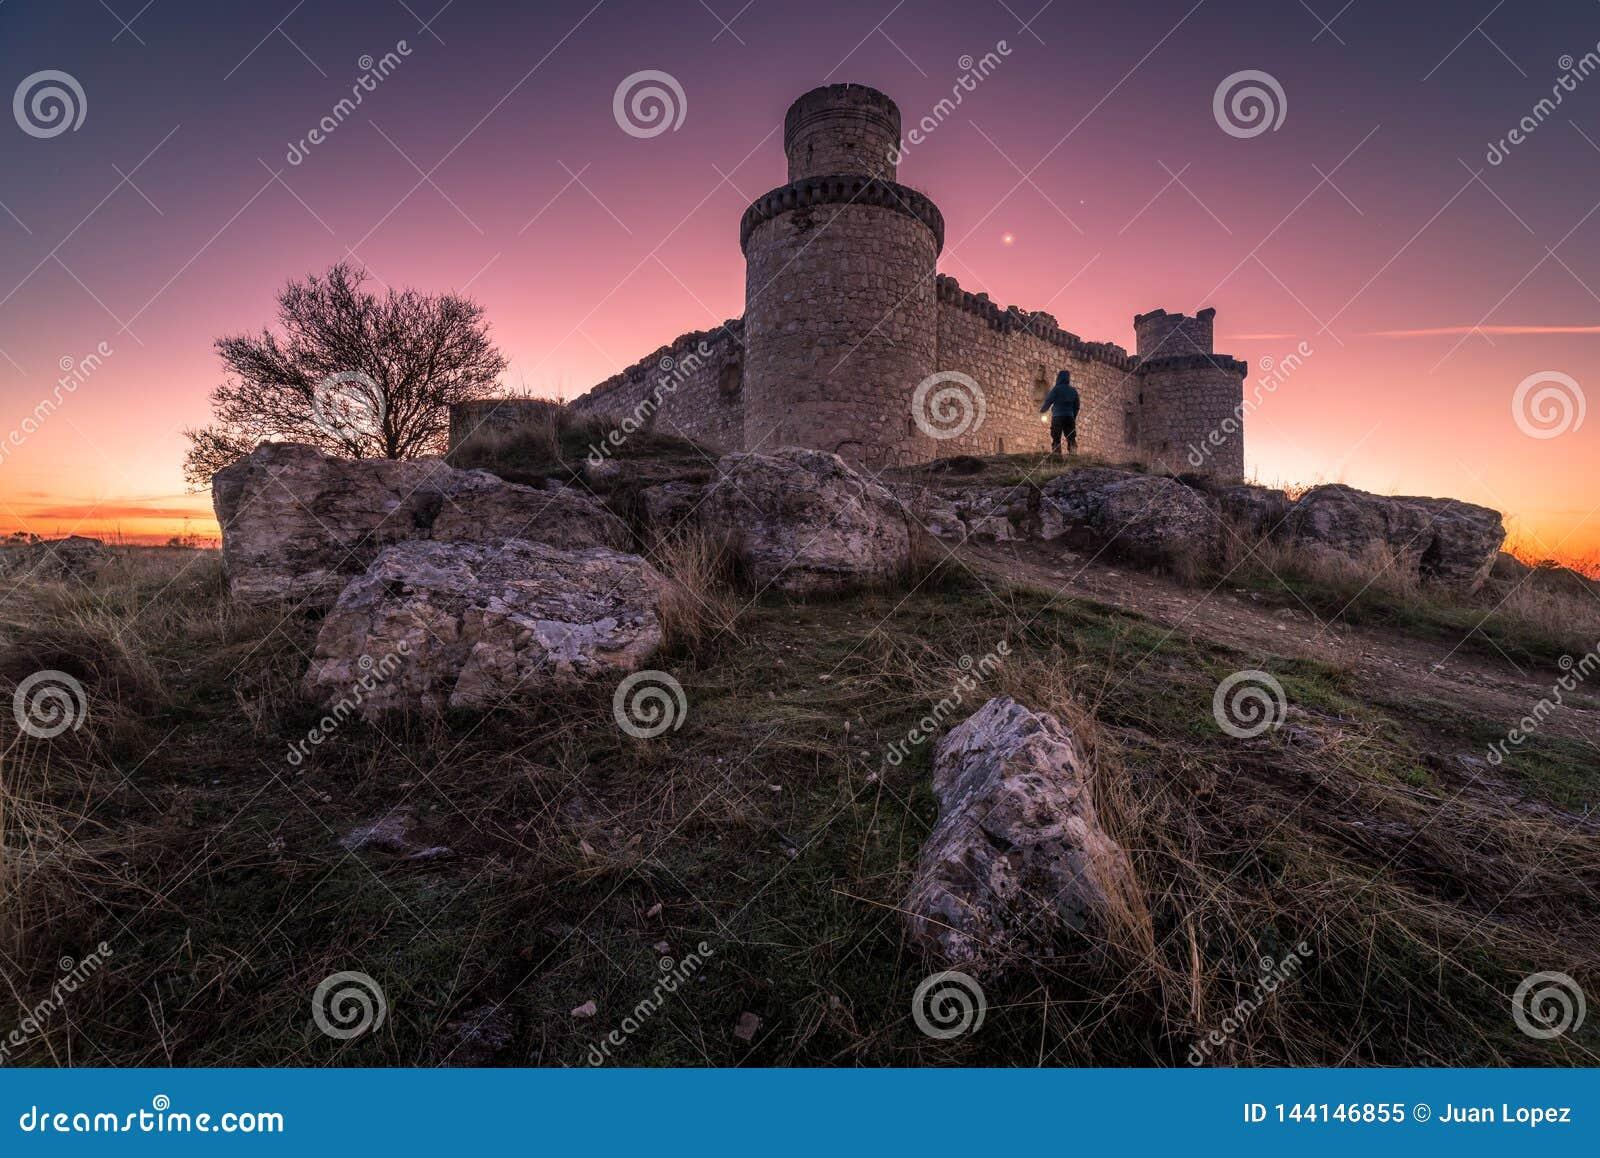 Schemering in het kasteel